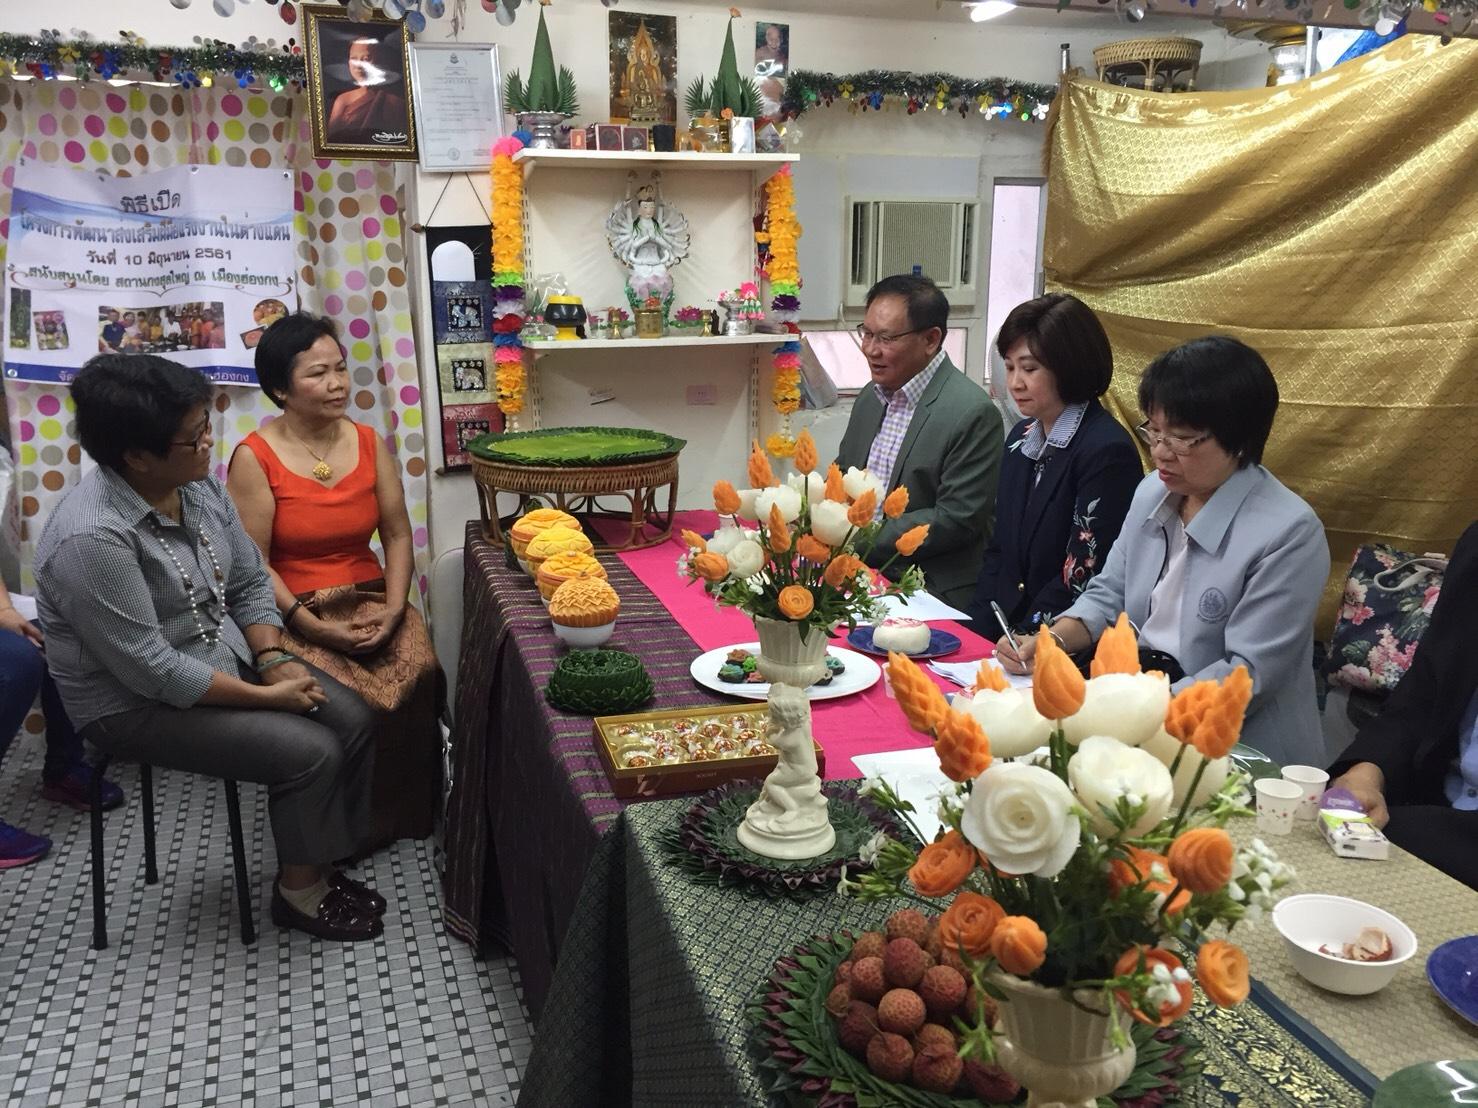 """""""รมว.แรงงาน"""" ห่วงแรงงานไทยในฮ่องกง  ส่งทีมงานเยี่ยมเยียนสร้างขวัญและกำลังใจ พร้อมดูแล ช่วยเหลือเพื่อคุณภาพชีวิตที่ดีของแรงงานไทย"""